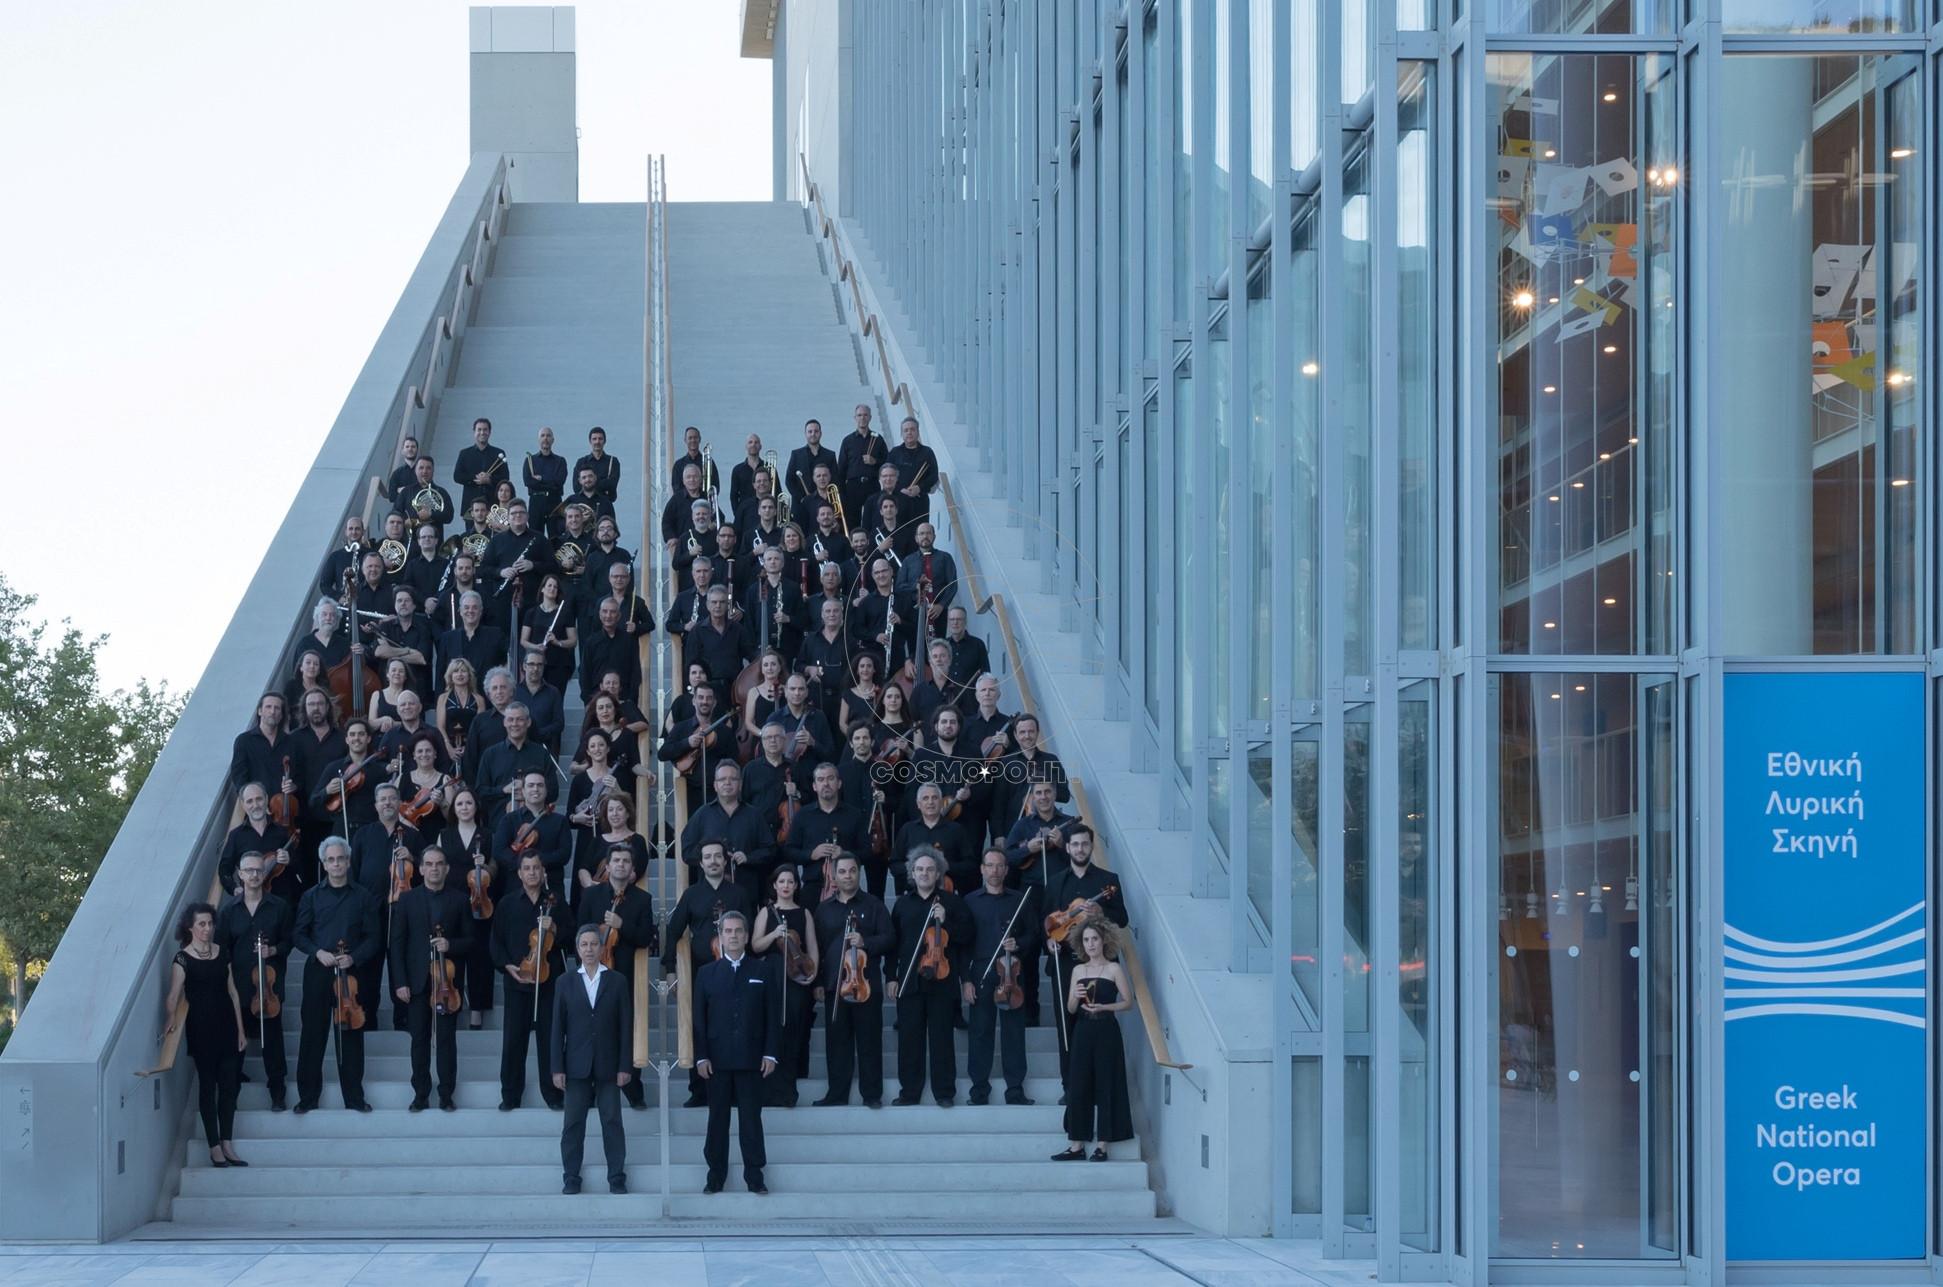 Ορχήστρα ΕΛΣ φωτό Βασίλης Μακρής 2 (1)